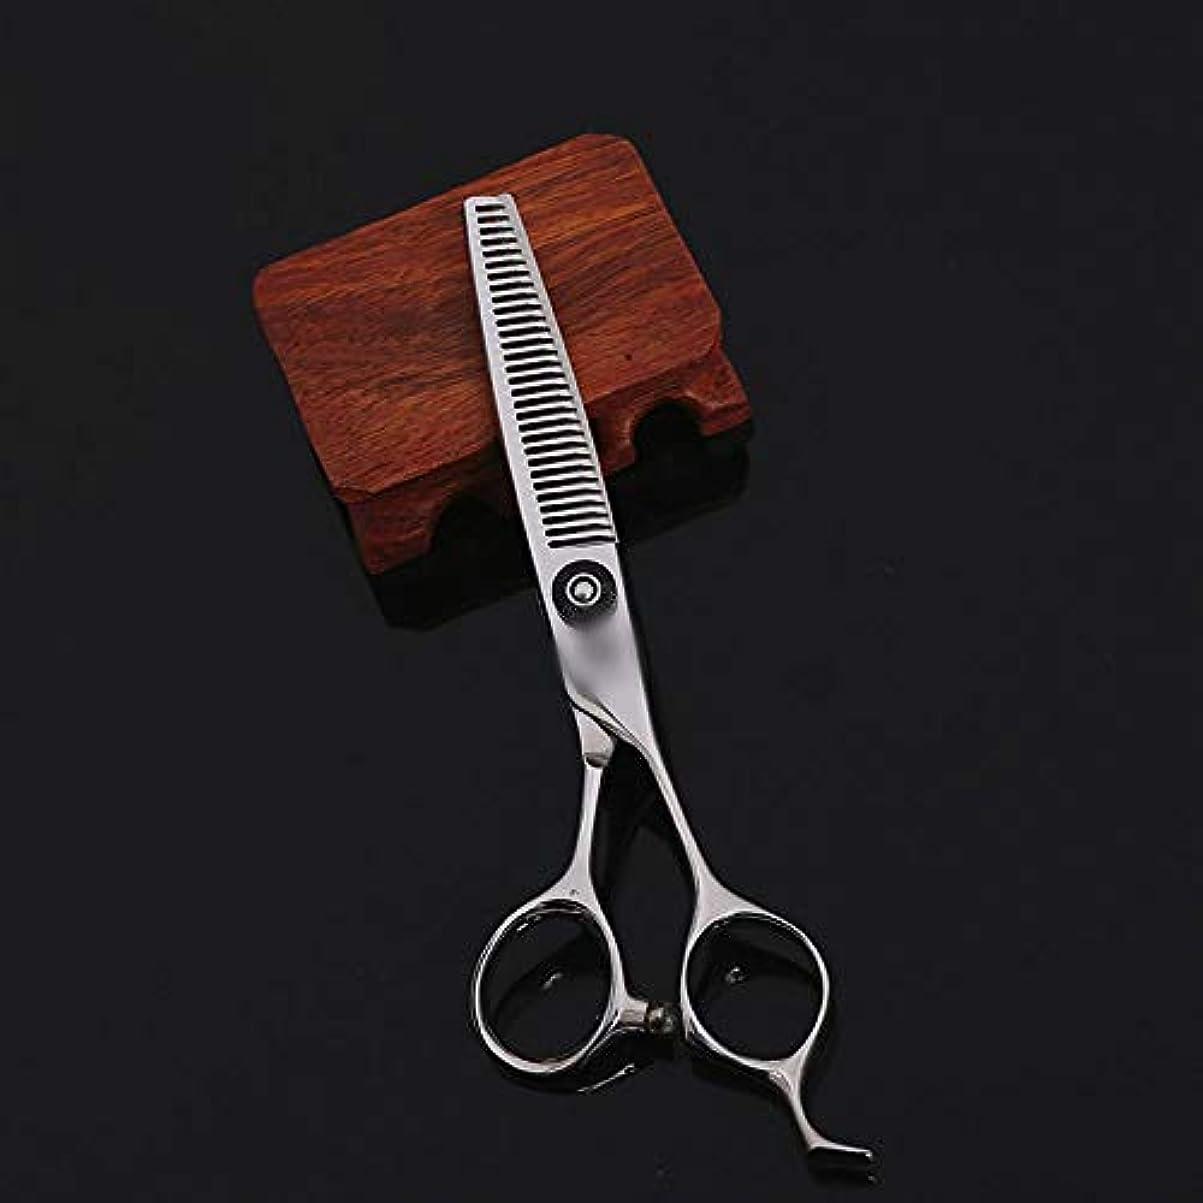 動く原稿通信する6インチフラットカット理髪師特別ハイエンドプロフェッショナルステンレス鋼理髪ハイエンドはさみ モデリングツール (色 : Silver)